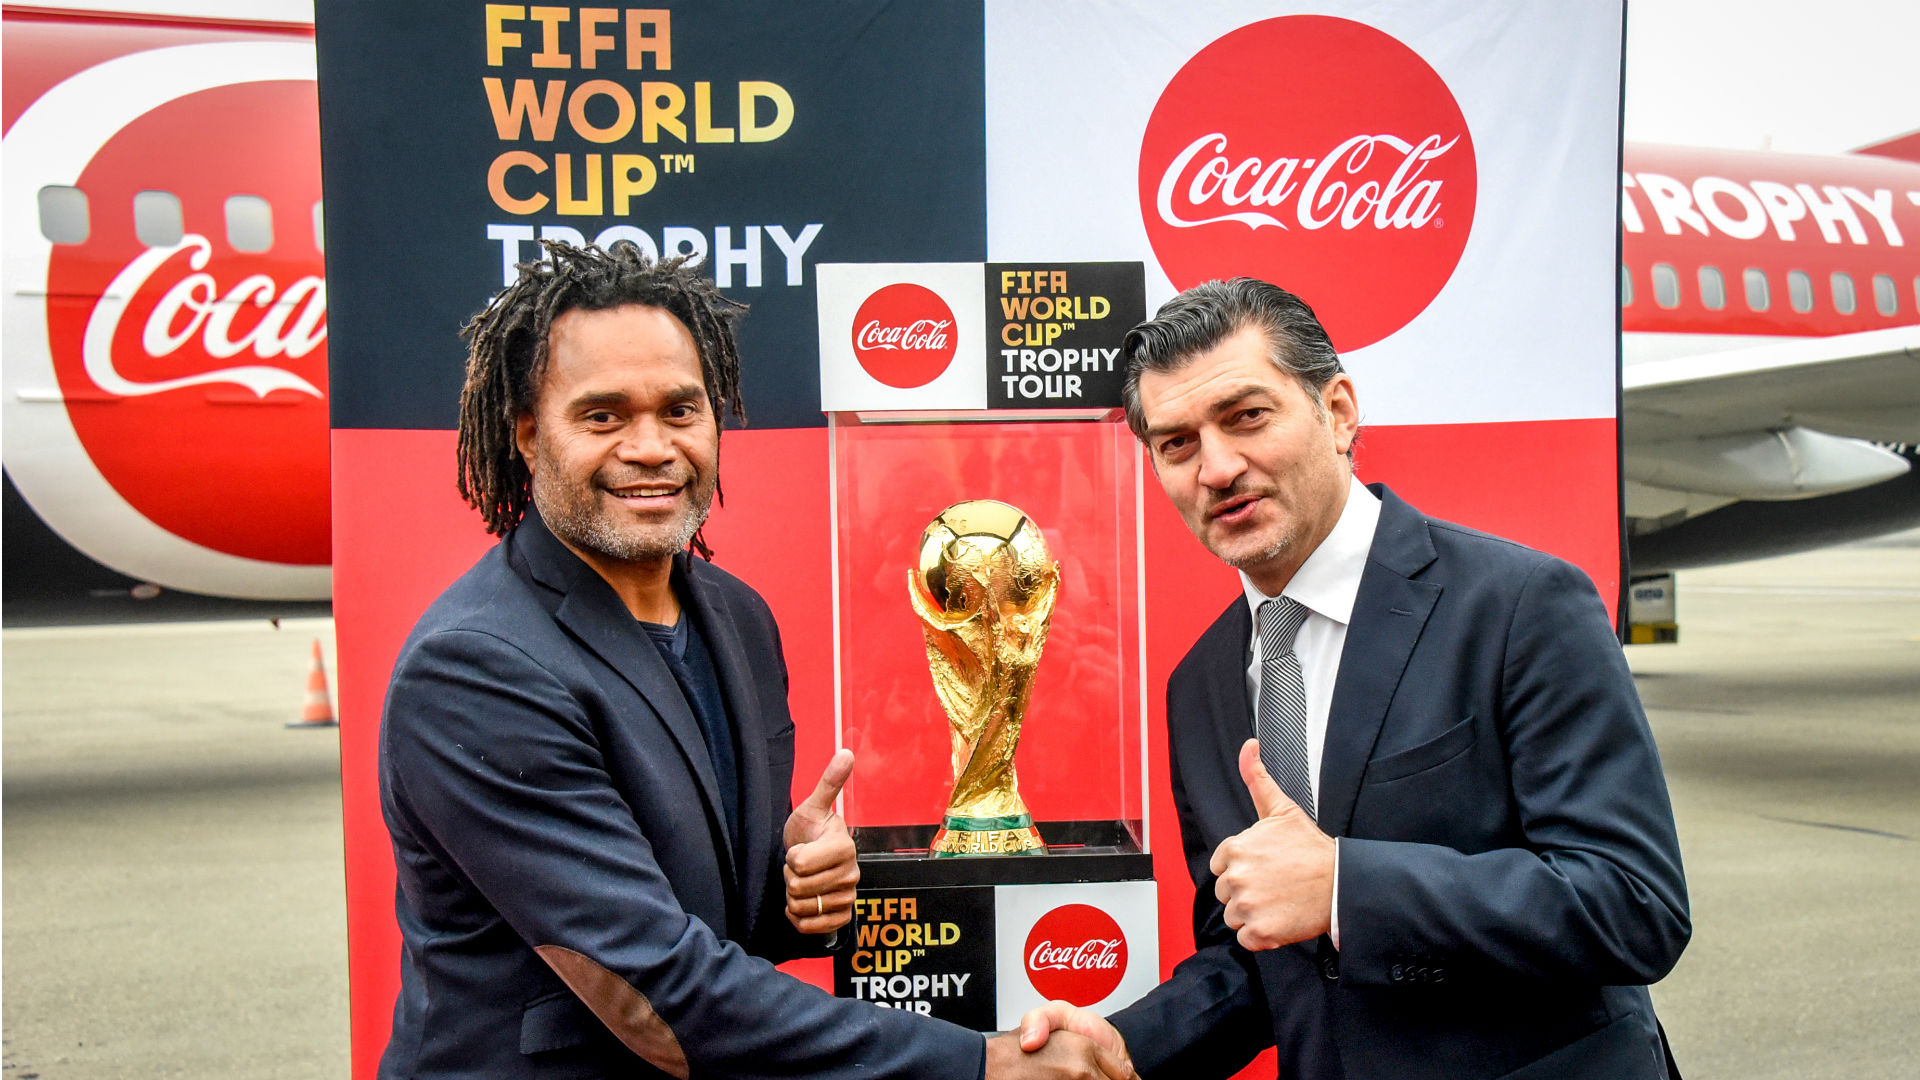 Amazing Coca Cola World Cup 2018 - trophy-tour_yvy14ptz6fwm1byrvkyuwbcm8  You Should Have_677810 .jpg?t\u003d-777676135\u0026quality\u003d90\u0026w\u003d1280